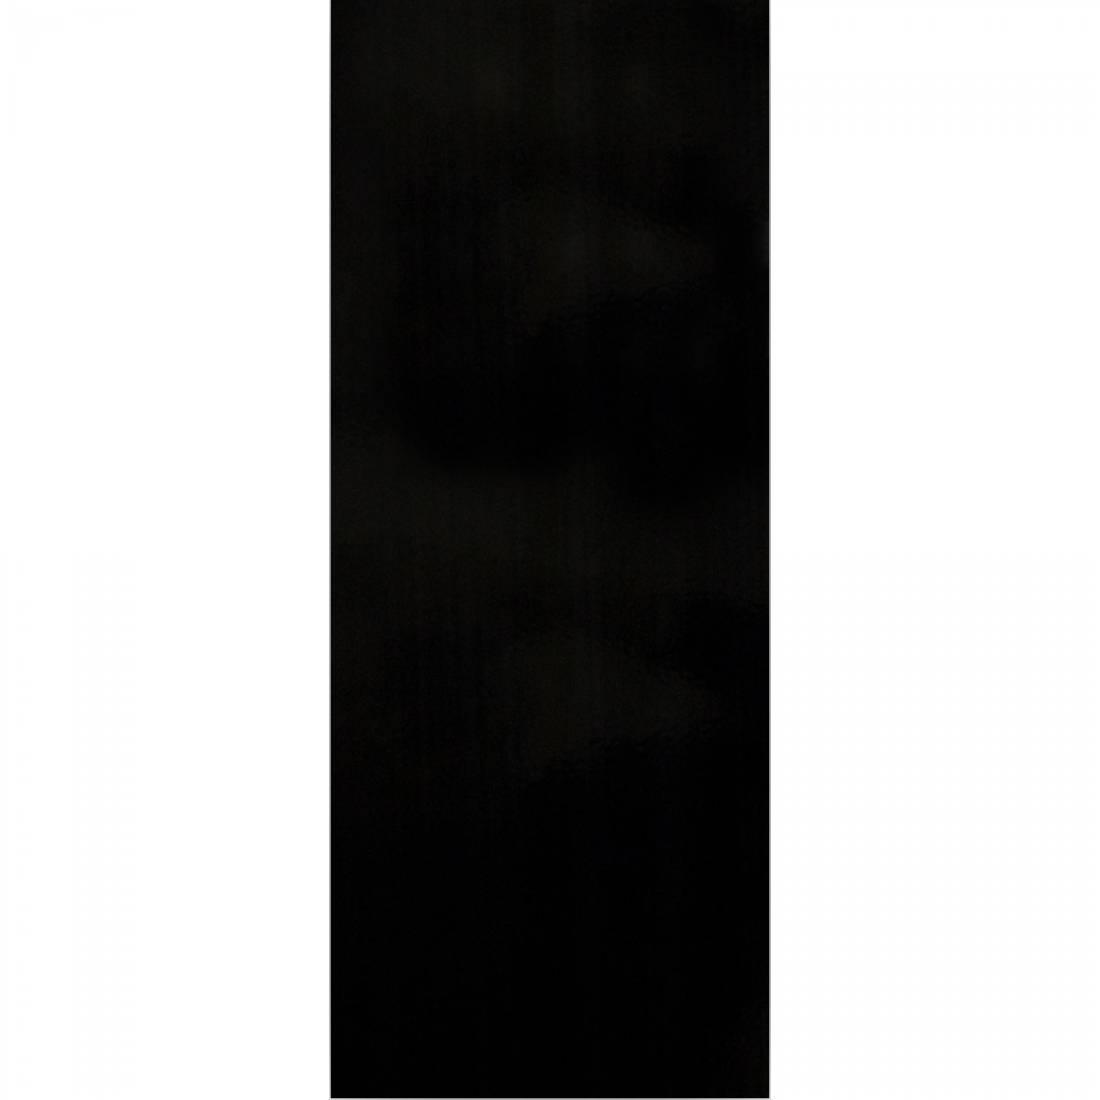 Hill 20x60 Black 1